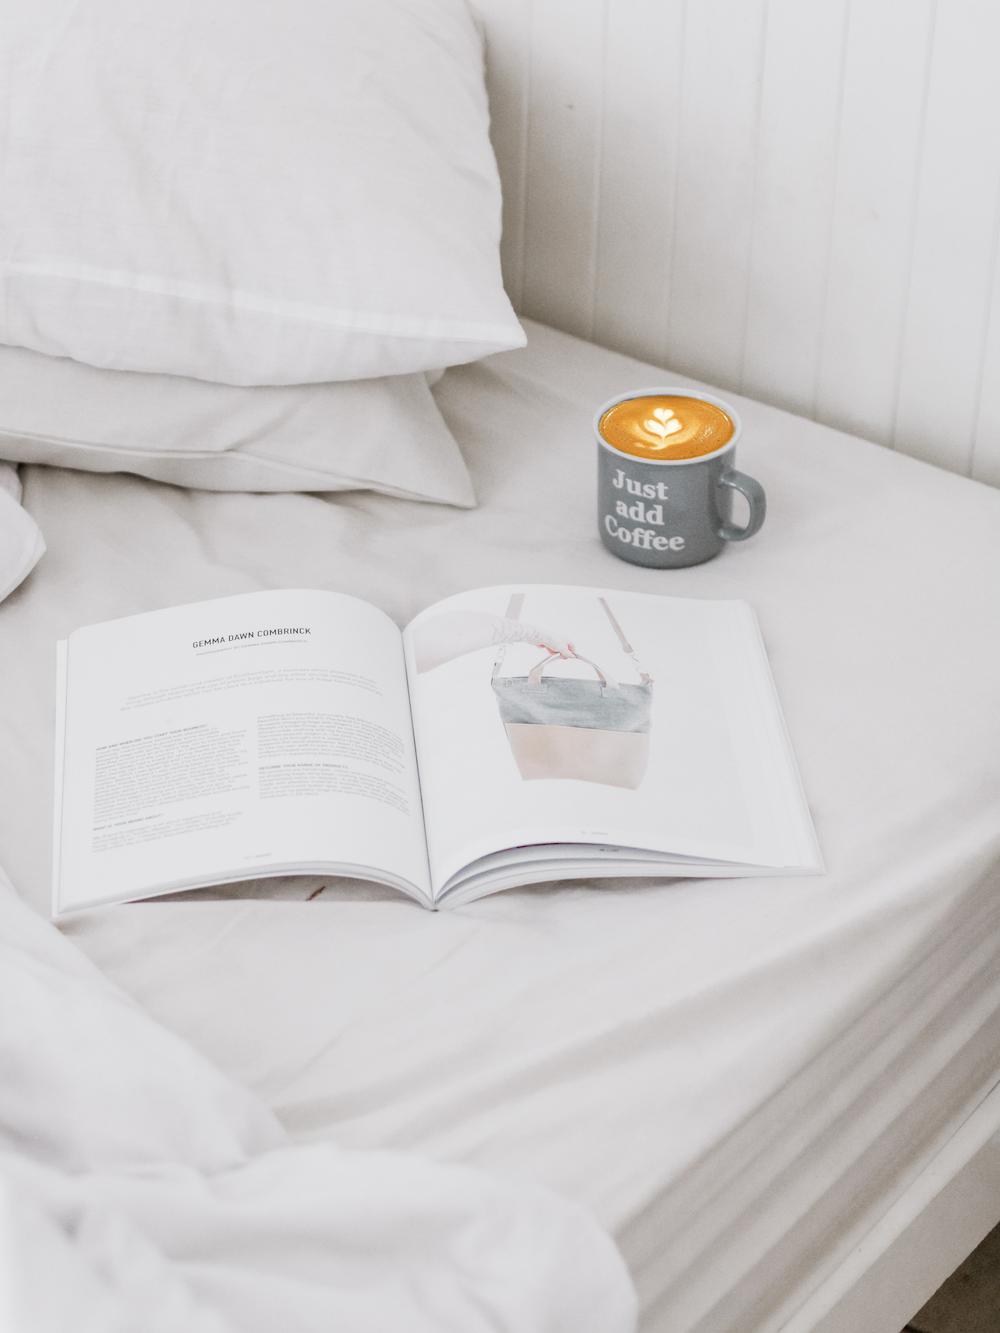 ceramic mug beside opened book